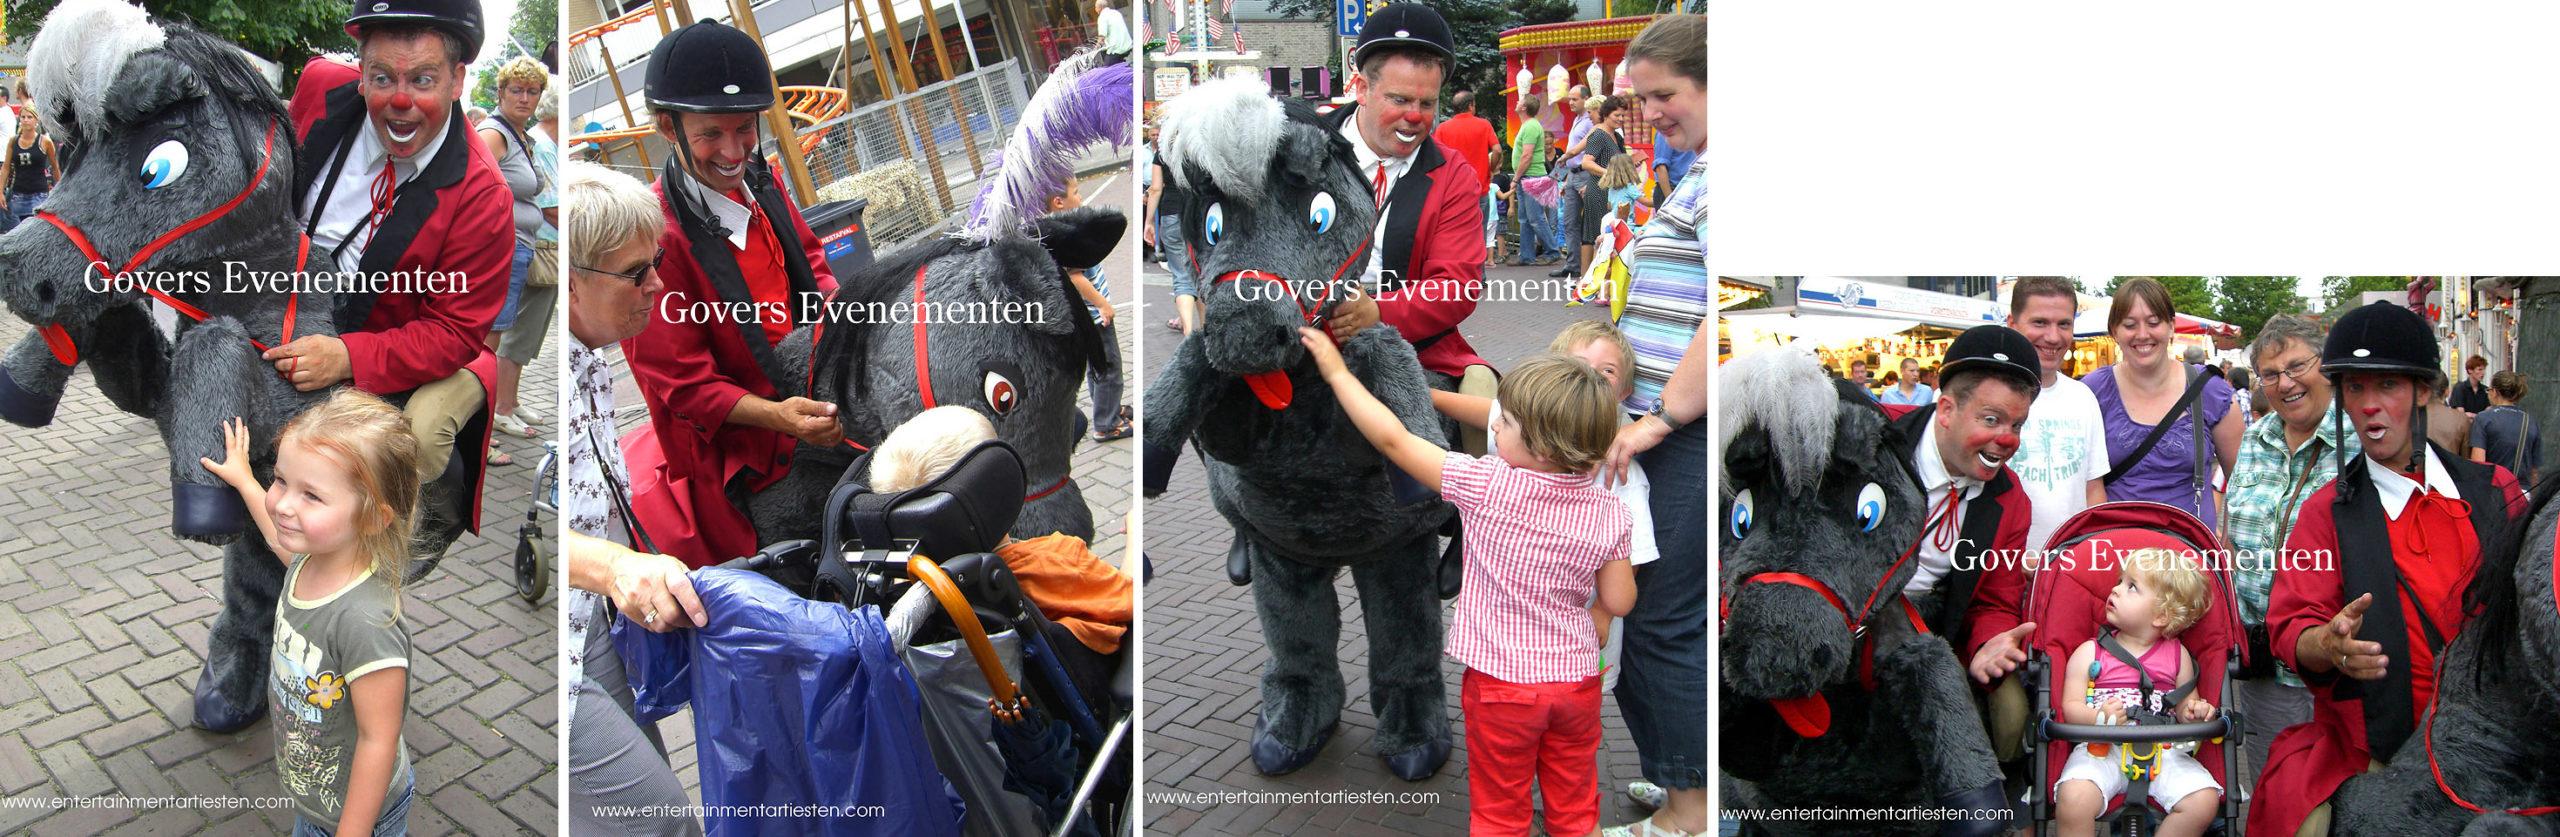 Clown, Straattheater, dit ondeugende circuspaardje zet de hele boel op stelten, theater voor kinderen, kindertheater, artiest, paard, paardjes, artiesten boeken, Govers Evenementen, www.goversartiesten.nl